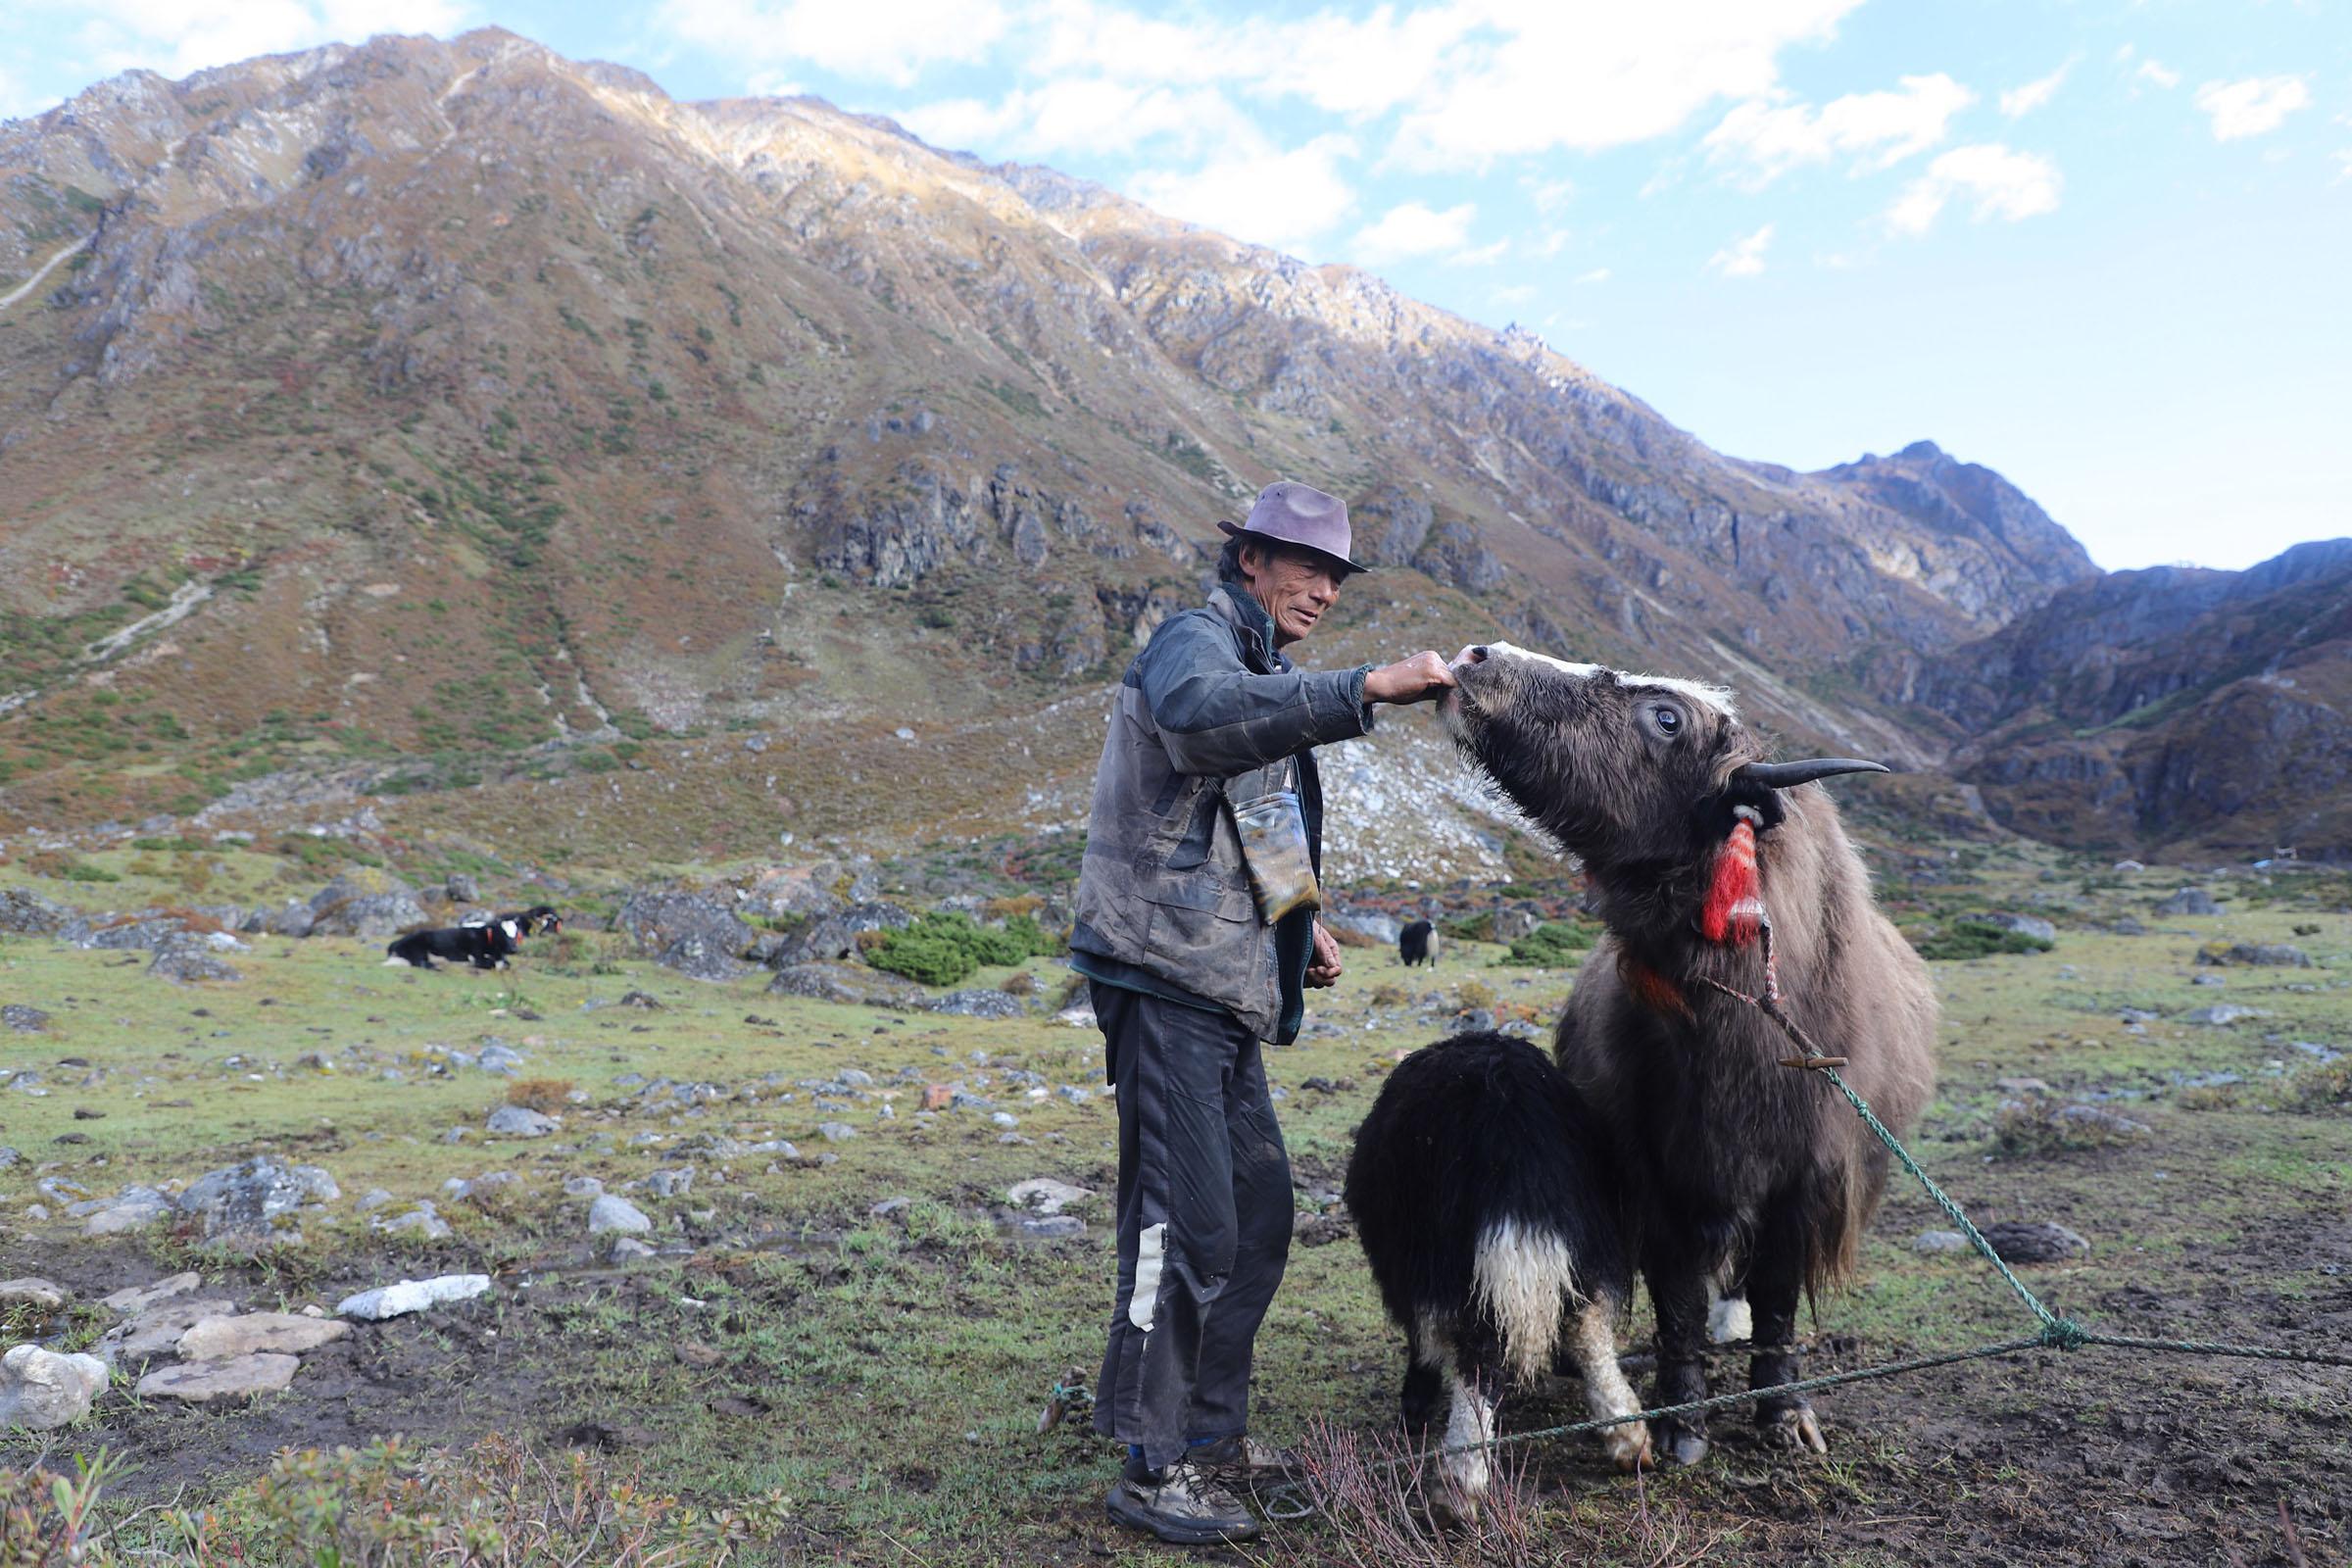 समुद्र सतहदेखि चार हजार २०० मिटरमा पर्ने चीनको सीमावर्ती क्षेत्र ताप्लेजुङको फक्ताङलुङ गाउँपालिका—७ मौवटारस्थित गोठमा याकलाई नुन खुवाउँदै एक किसान। तस्बिरः दिलकुमार लिम्बु/रासस